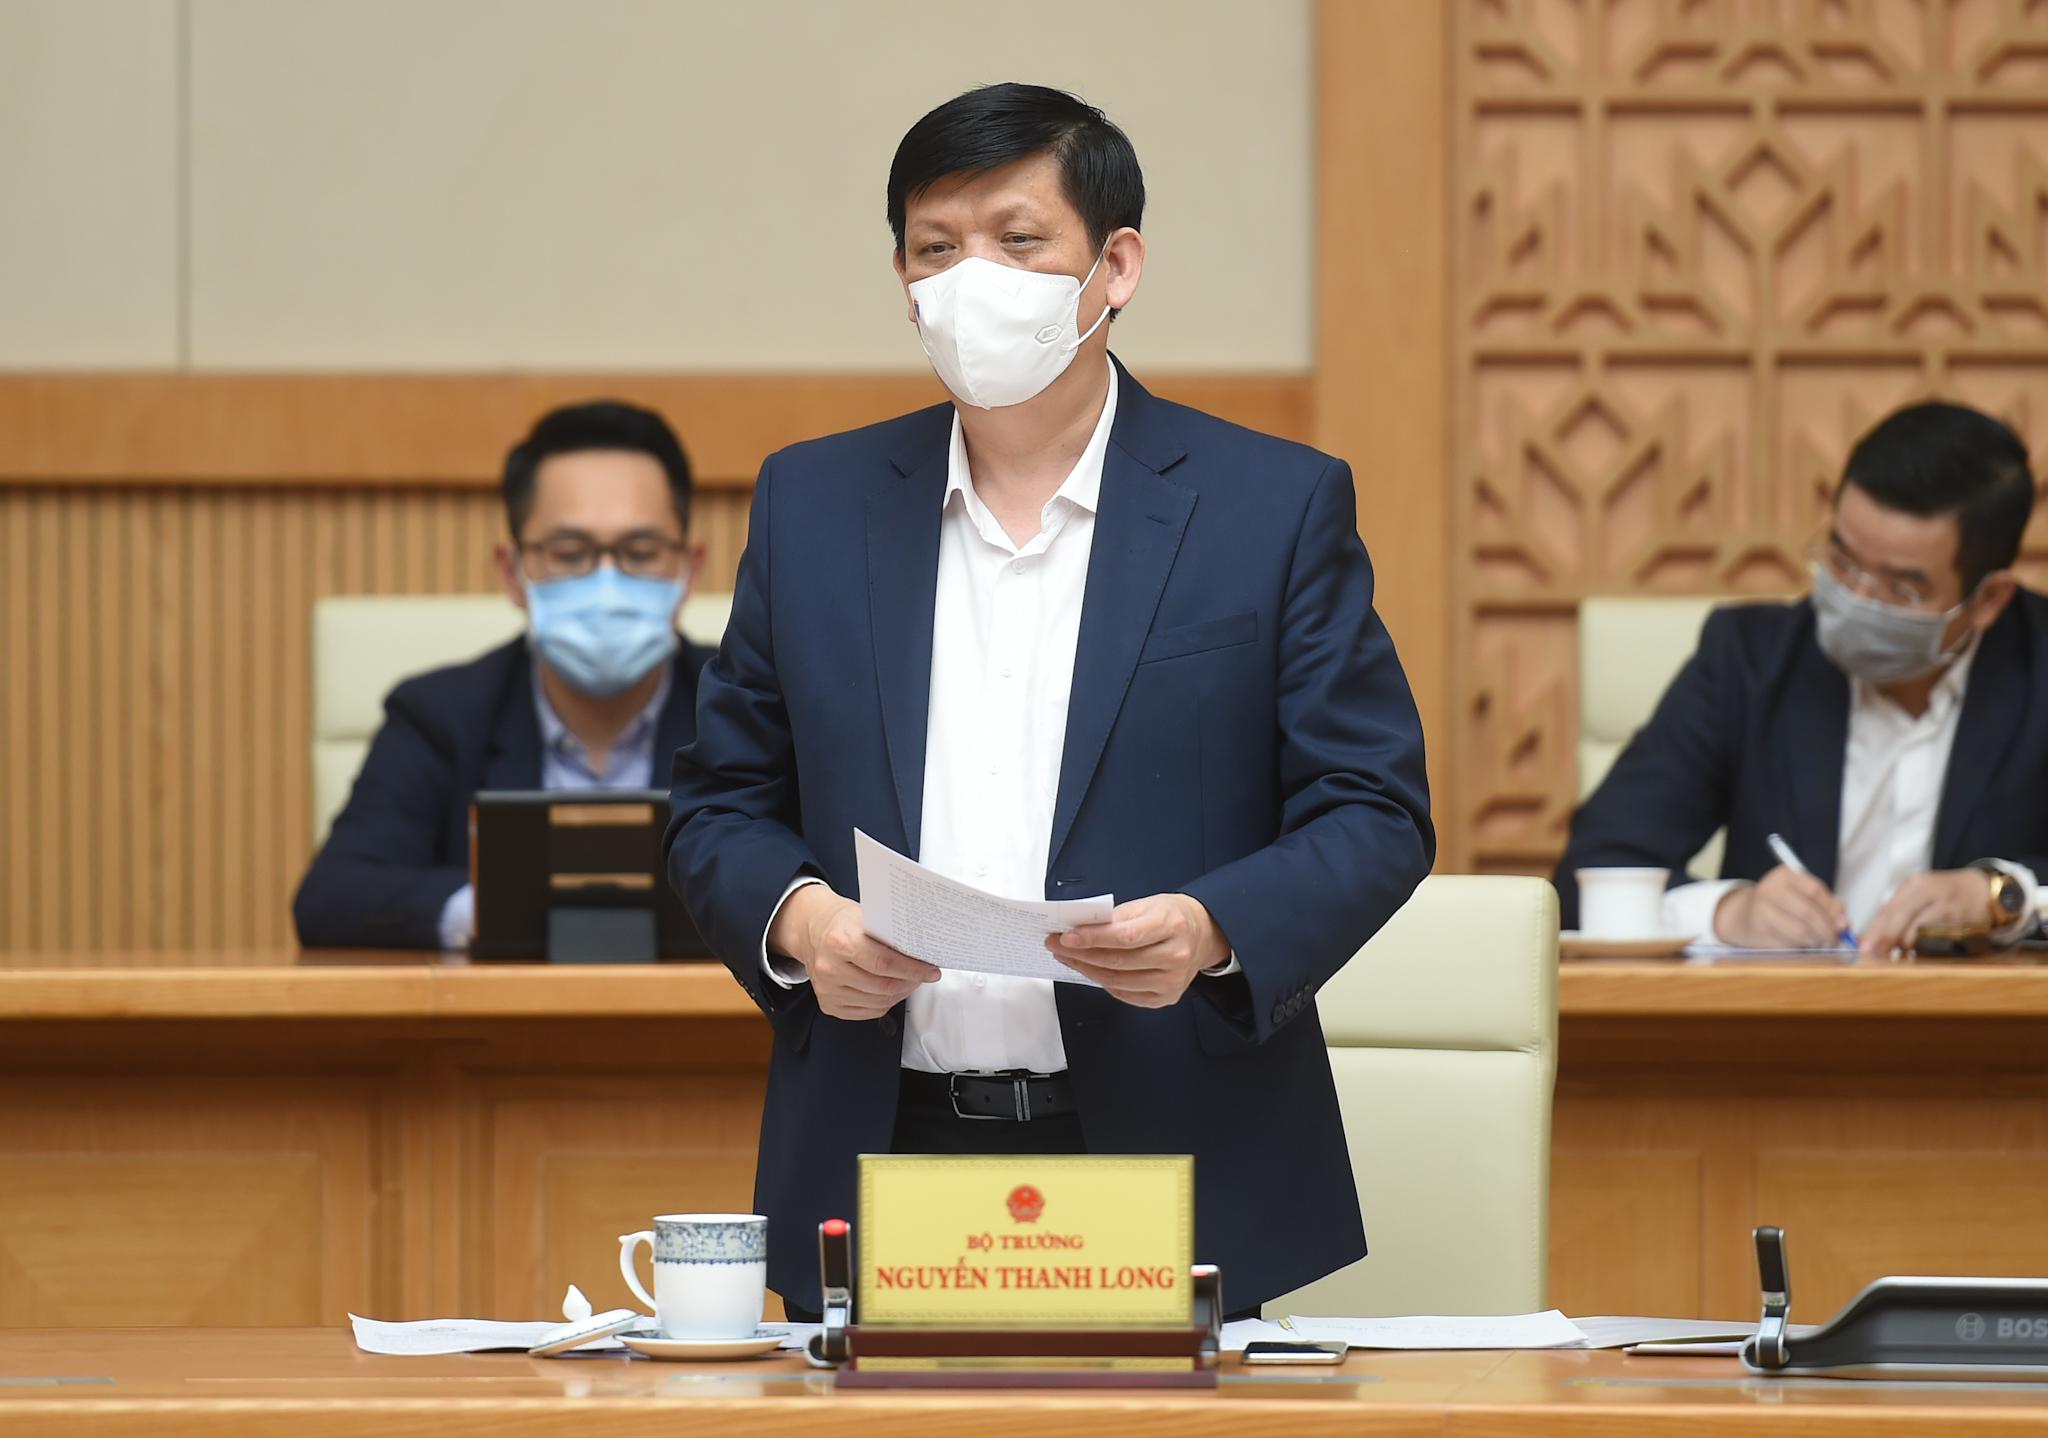 Bộ trưởng Bộ Y tế Nguyễn Thanh Long phát biểu tại cuộc họp. - Ảnh: VGP/Quang Hiếu